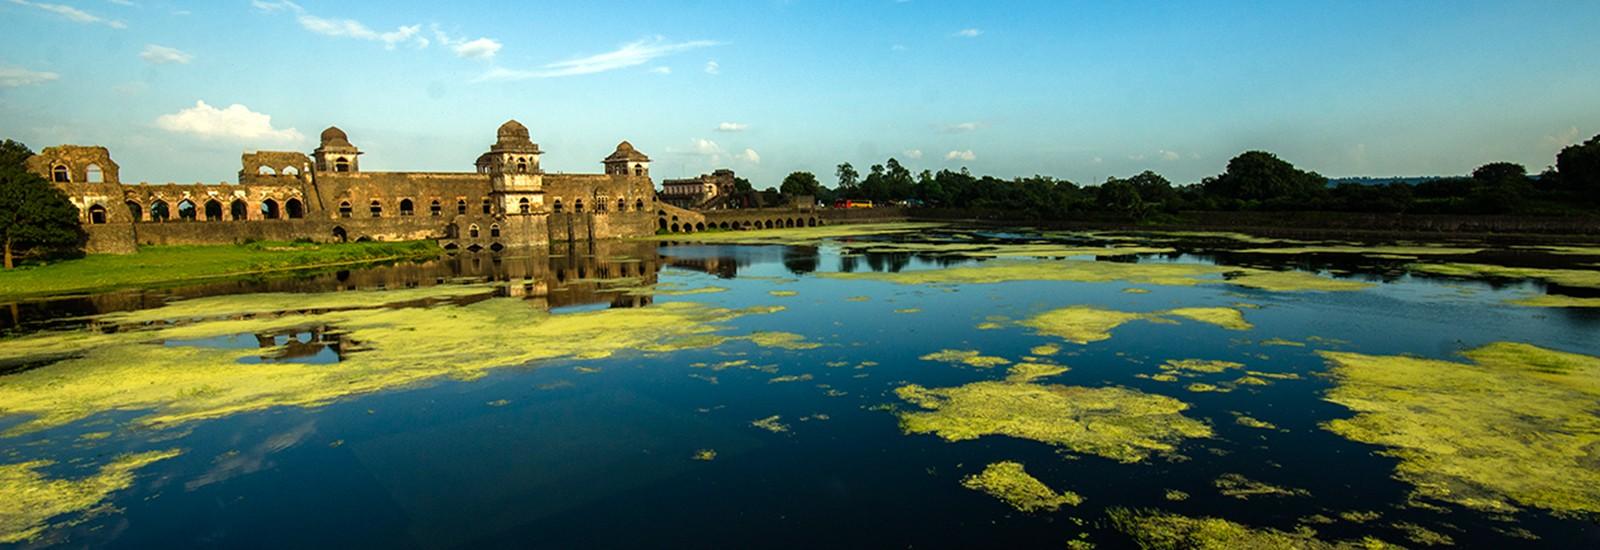 Mandu-Jahaz-Mahal-1600x550